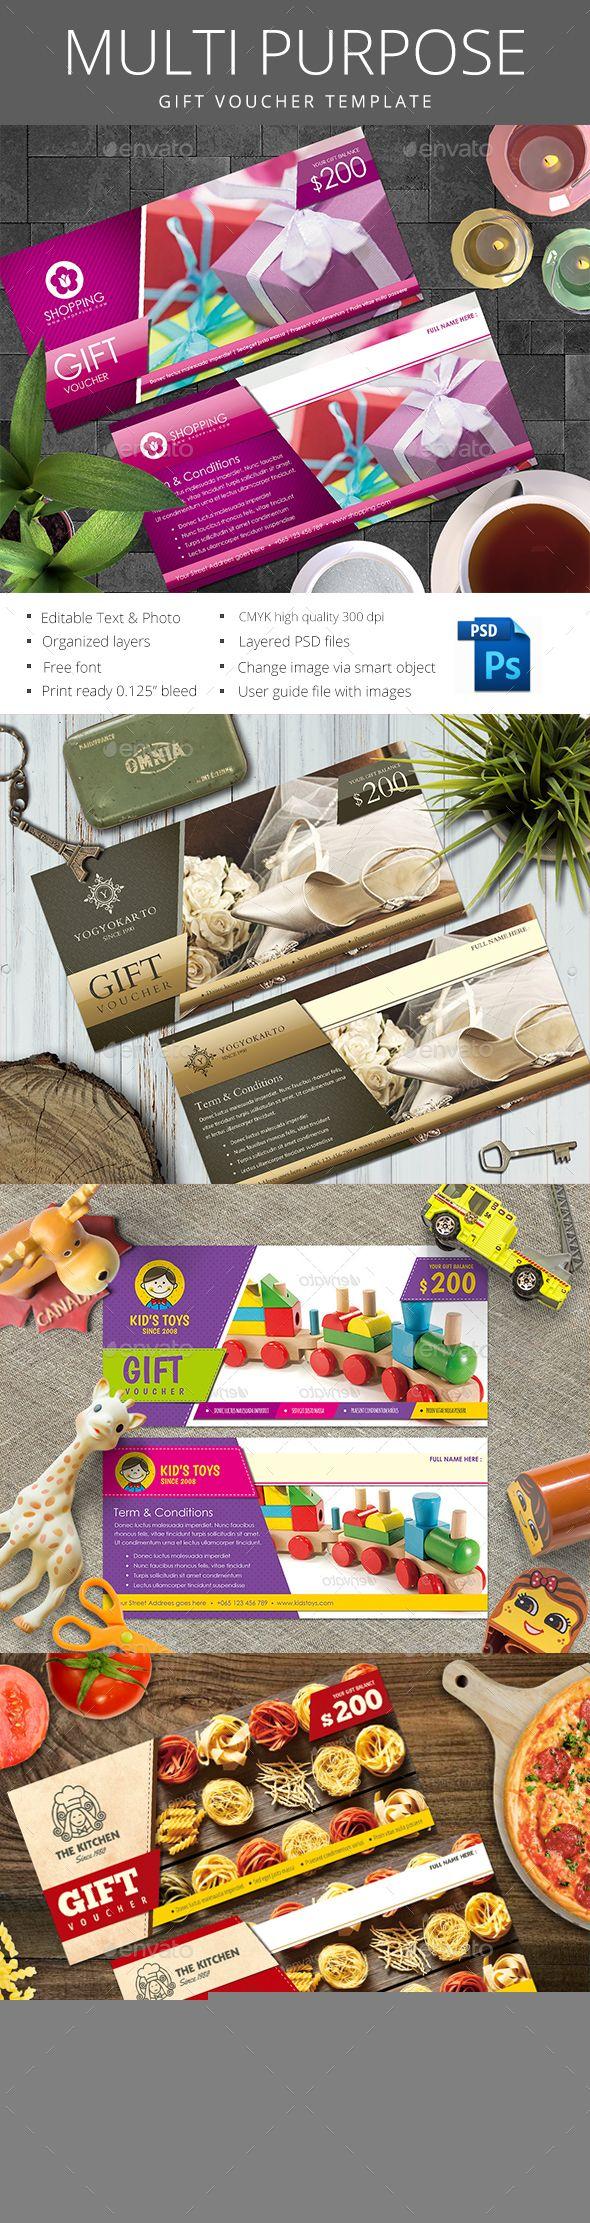 Multipurpose Gift Voucher Template PSD #design Download: http://graphicriver.net/item/multipurpose-gift-voucher/14239634?ref=ksioks